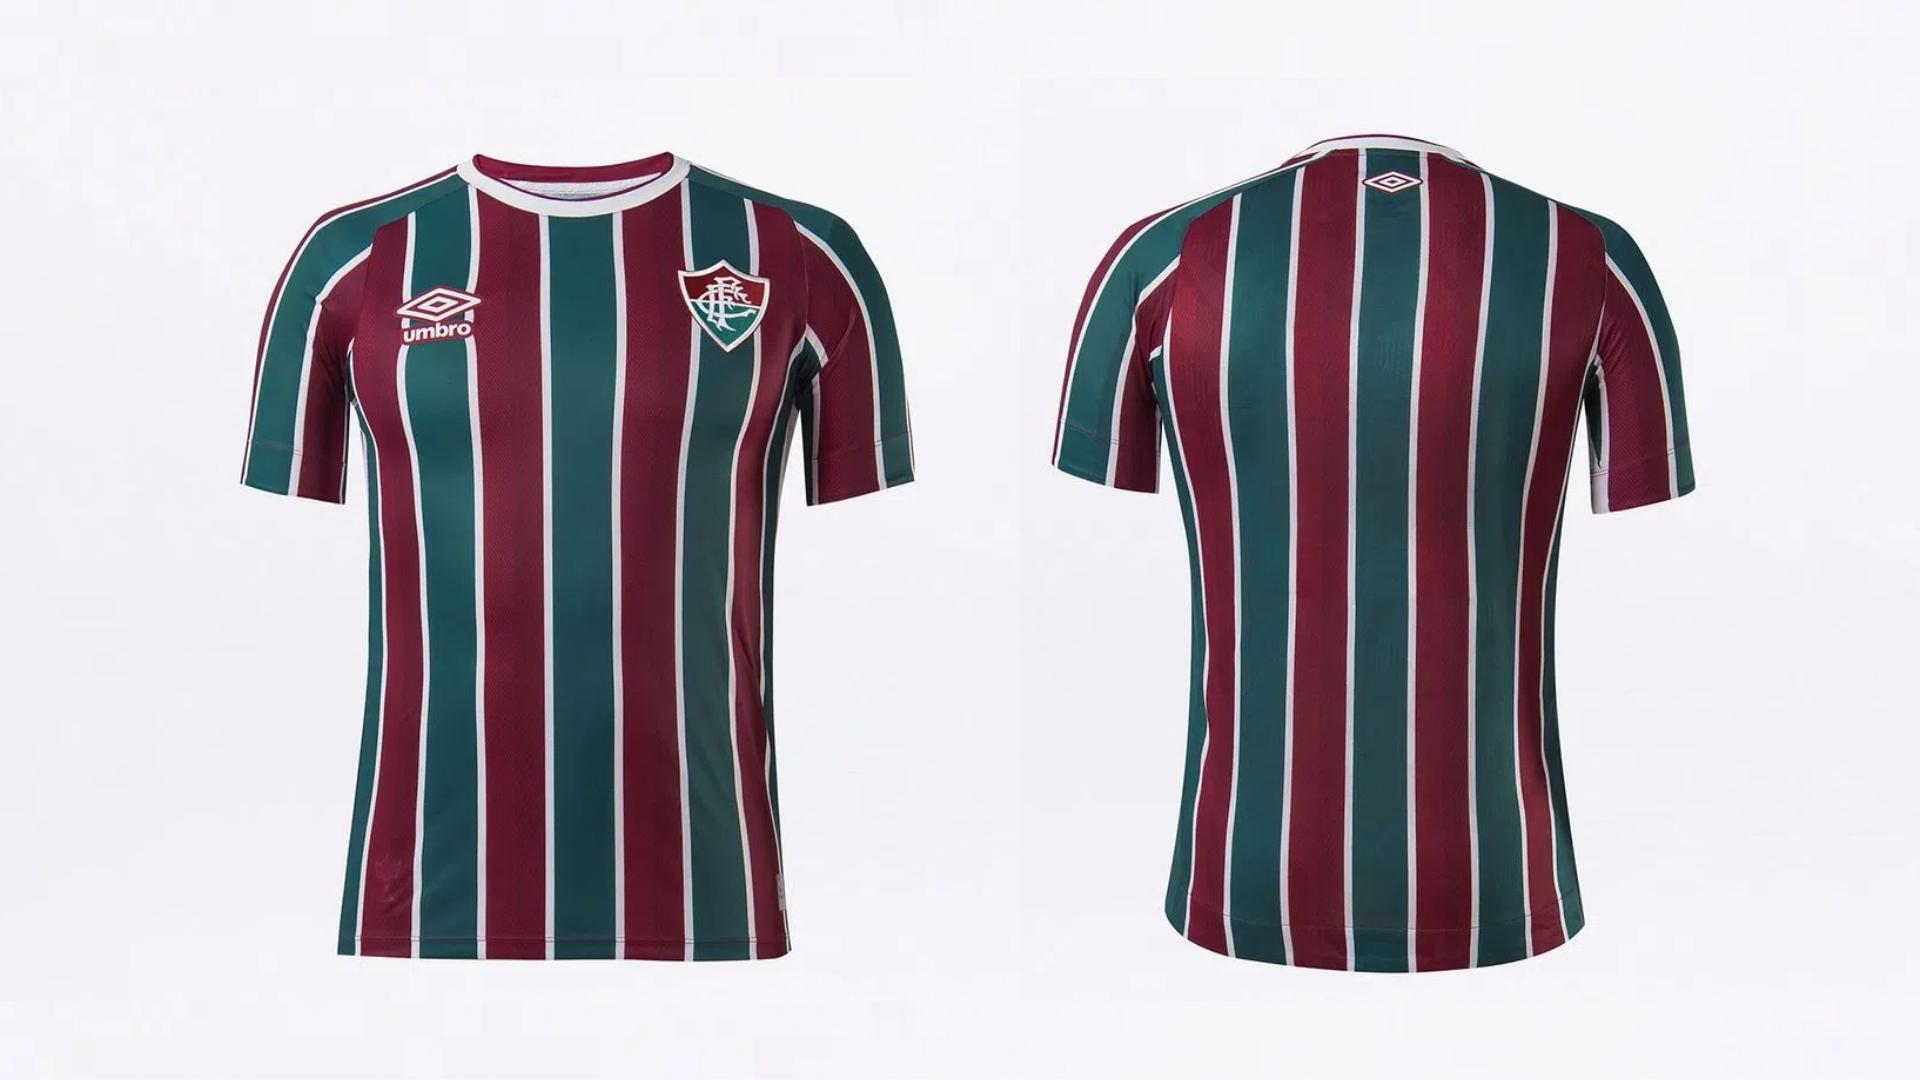 Camisa do Fluminense 2021 Umbro Jogo 1 (Imagem: Divulgação/Umbro)